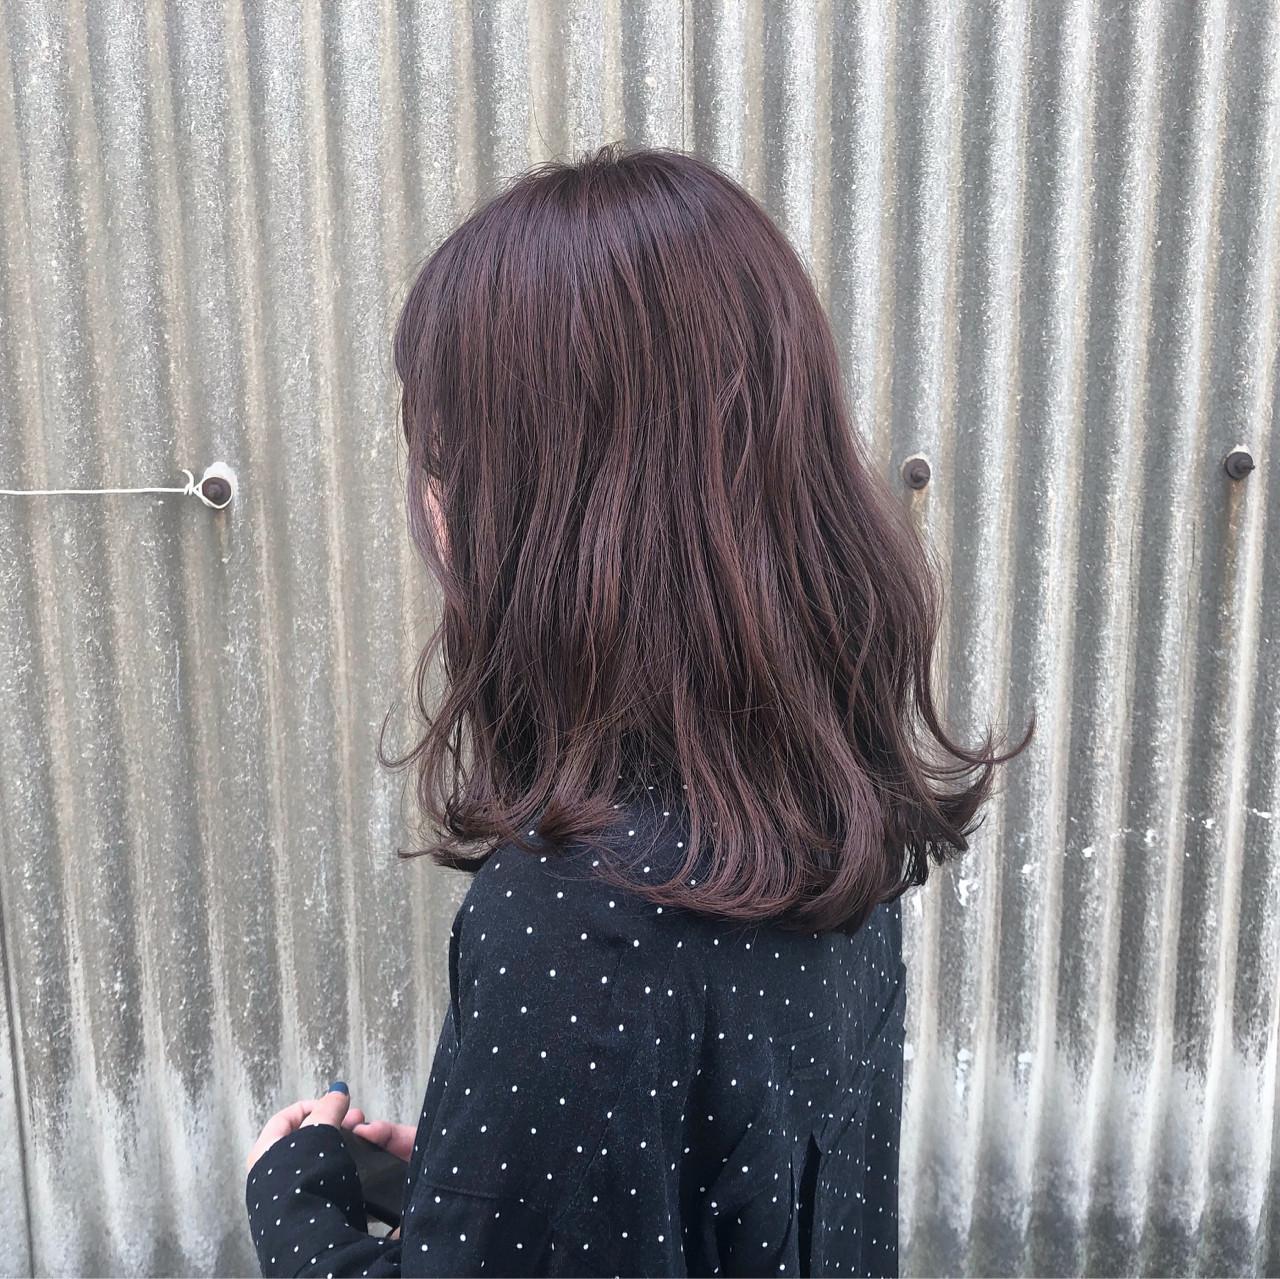 《2019年秋ヘアカラー》この季節のトレンドの髪色を徹底解説♡の9枚目の画像